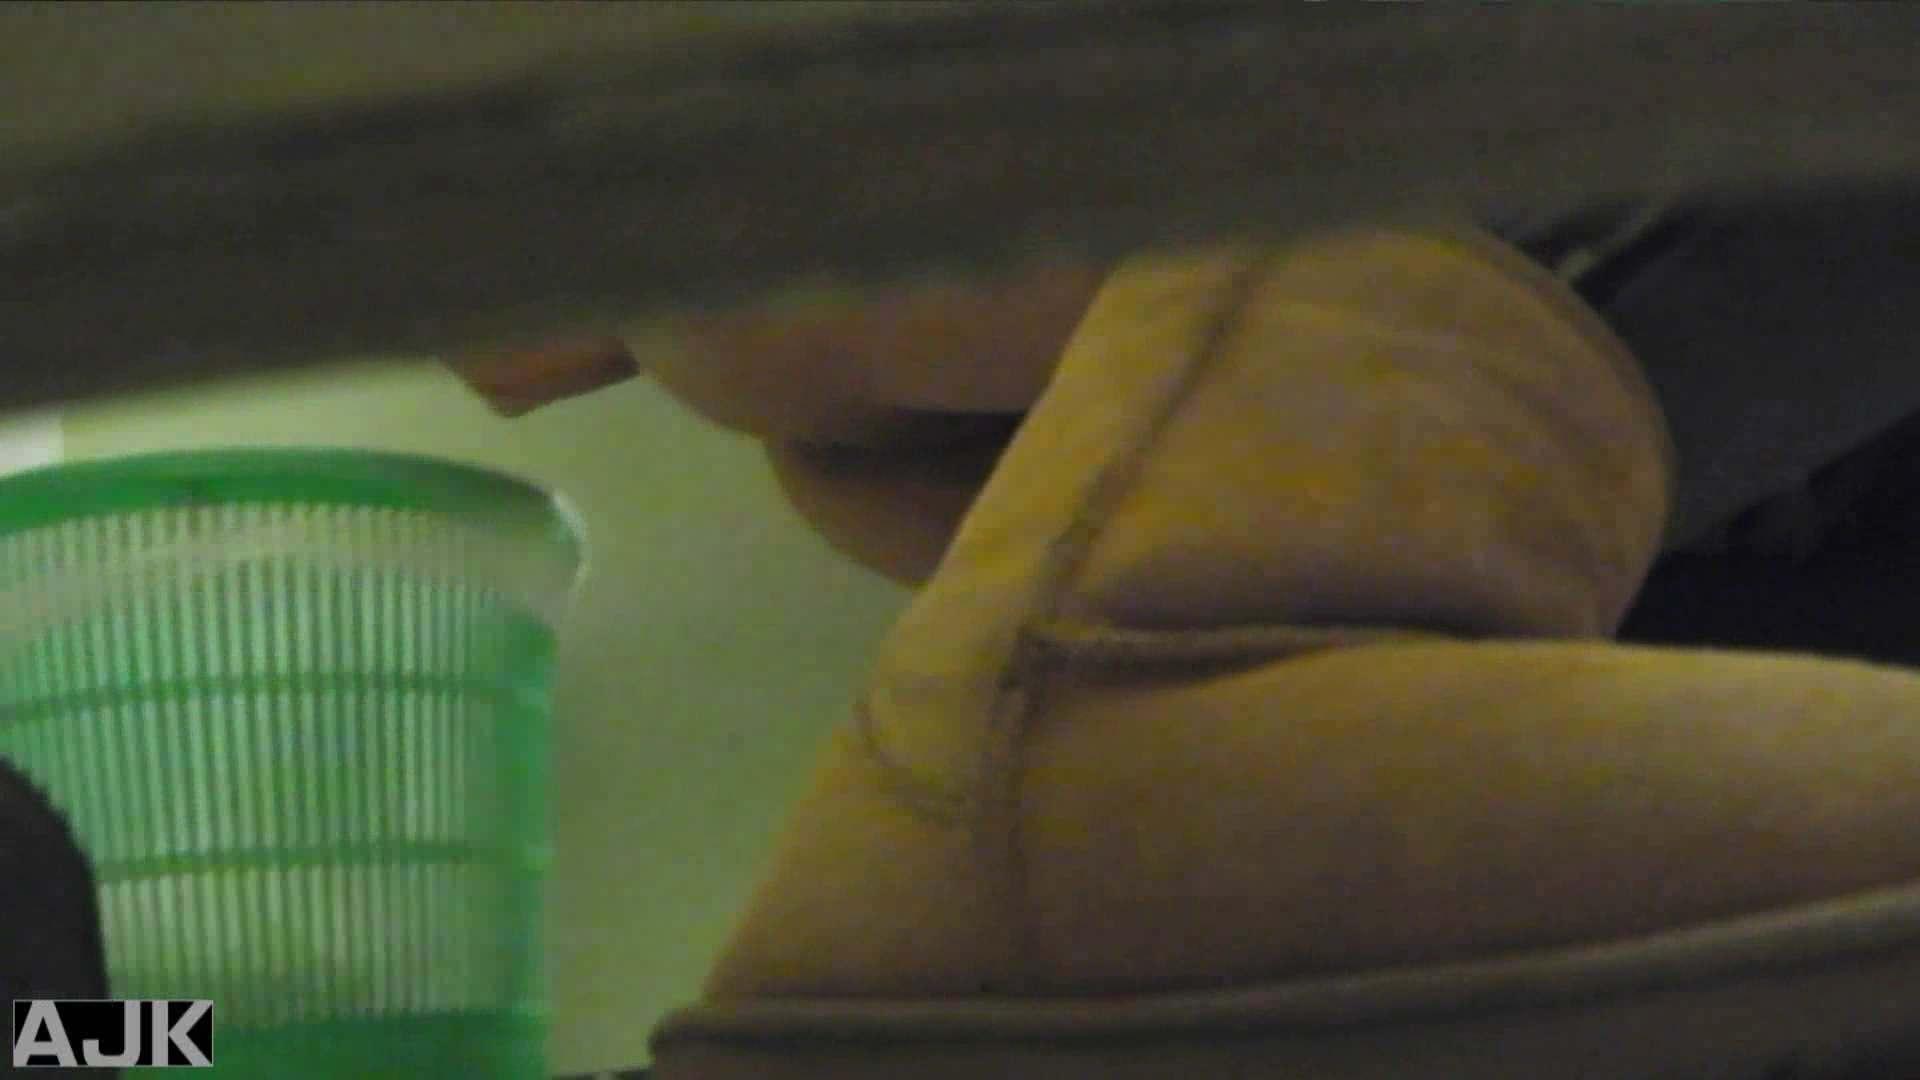 隣国上階級エリアの令嬢たちが集うデパートお手洗い Vol.20 便器   マンコ  79画像 33